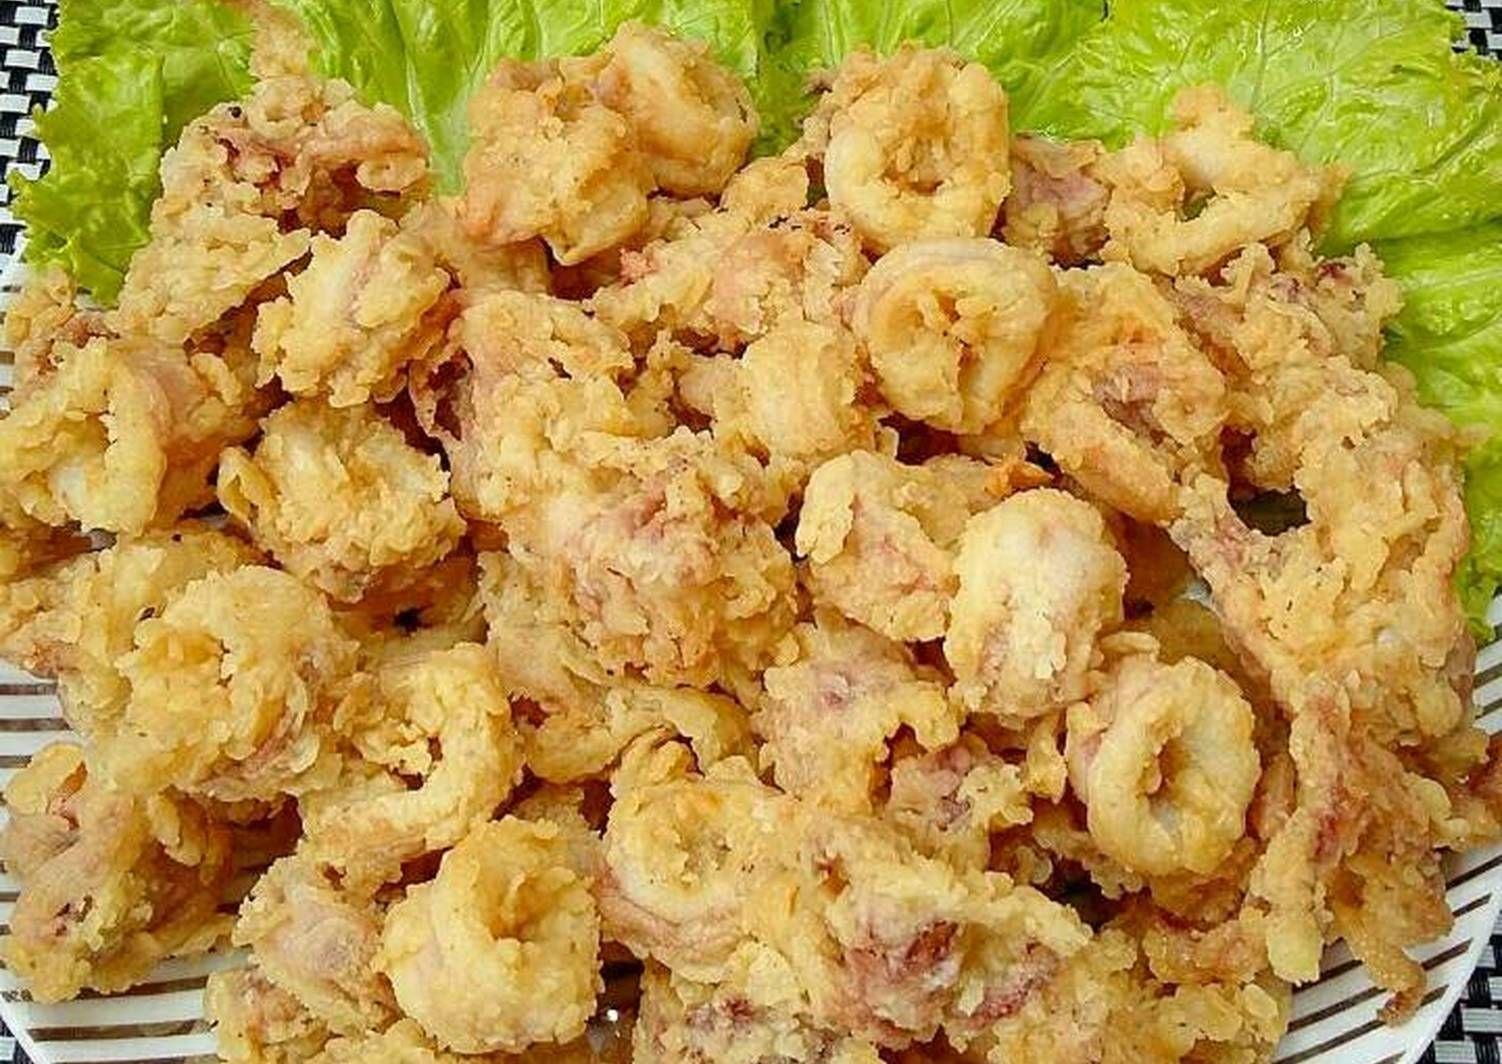 Resep Cumi Goreng Tepung Oleh Susan Mellyani Resep Resep Resep Makanan Resep Masakan Asia